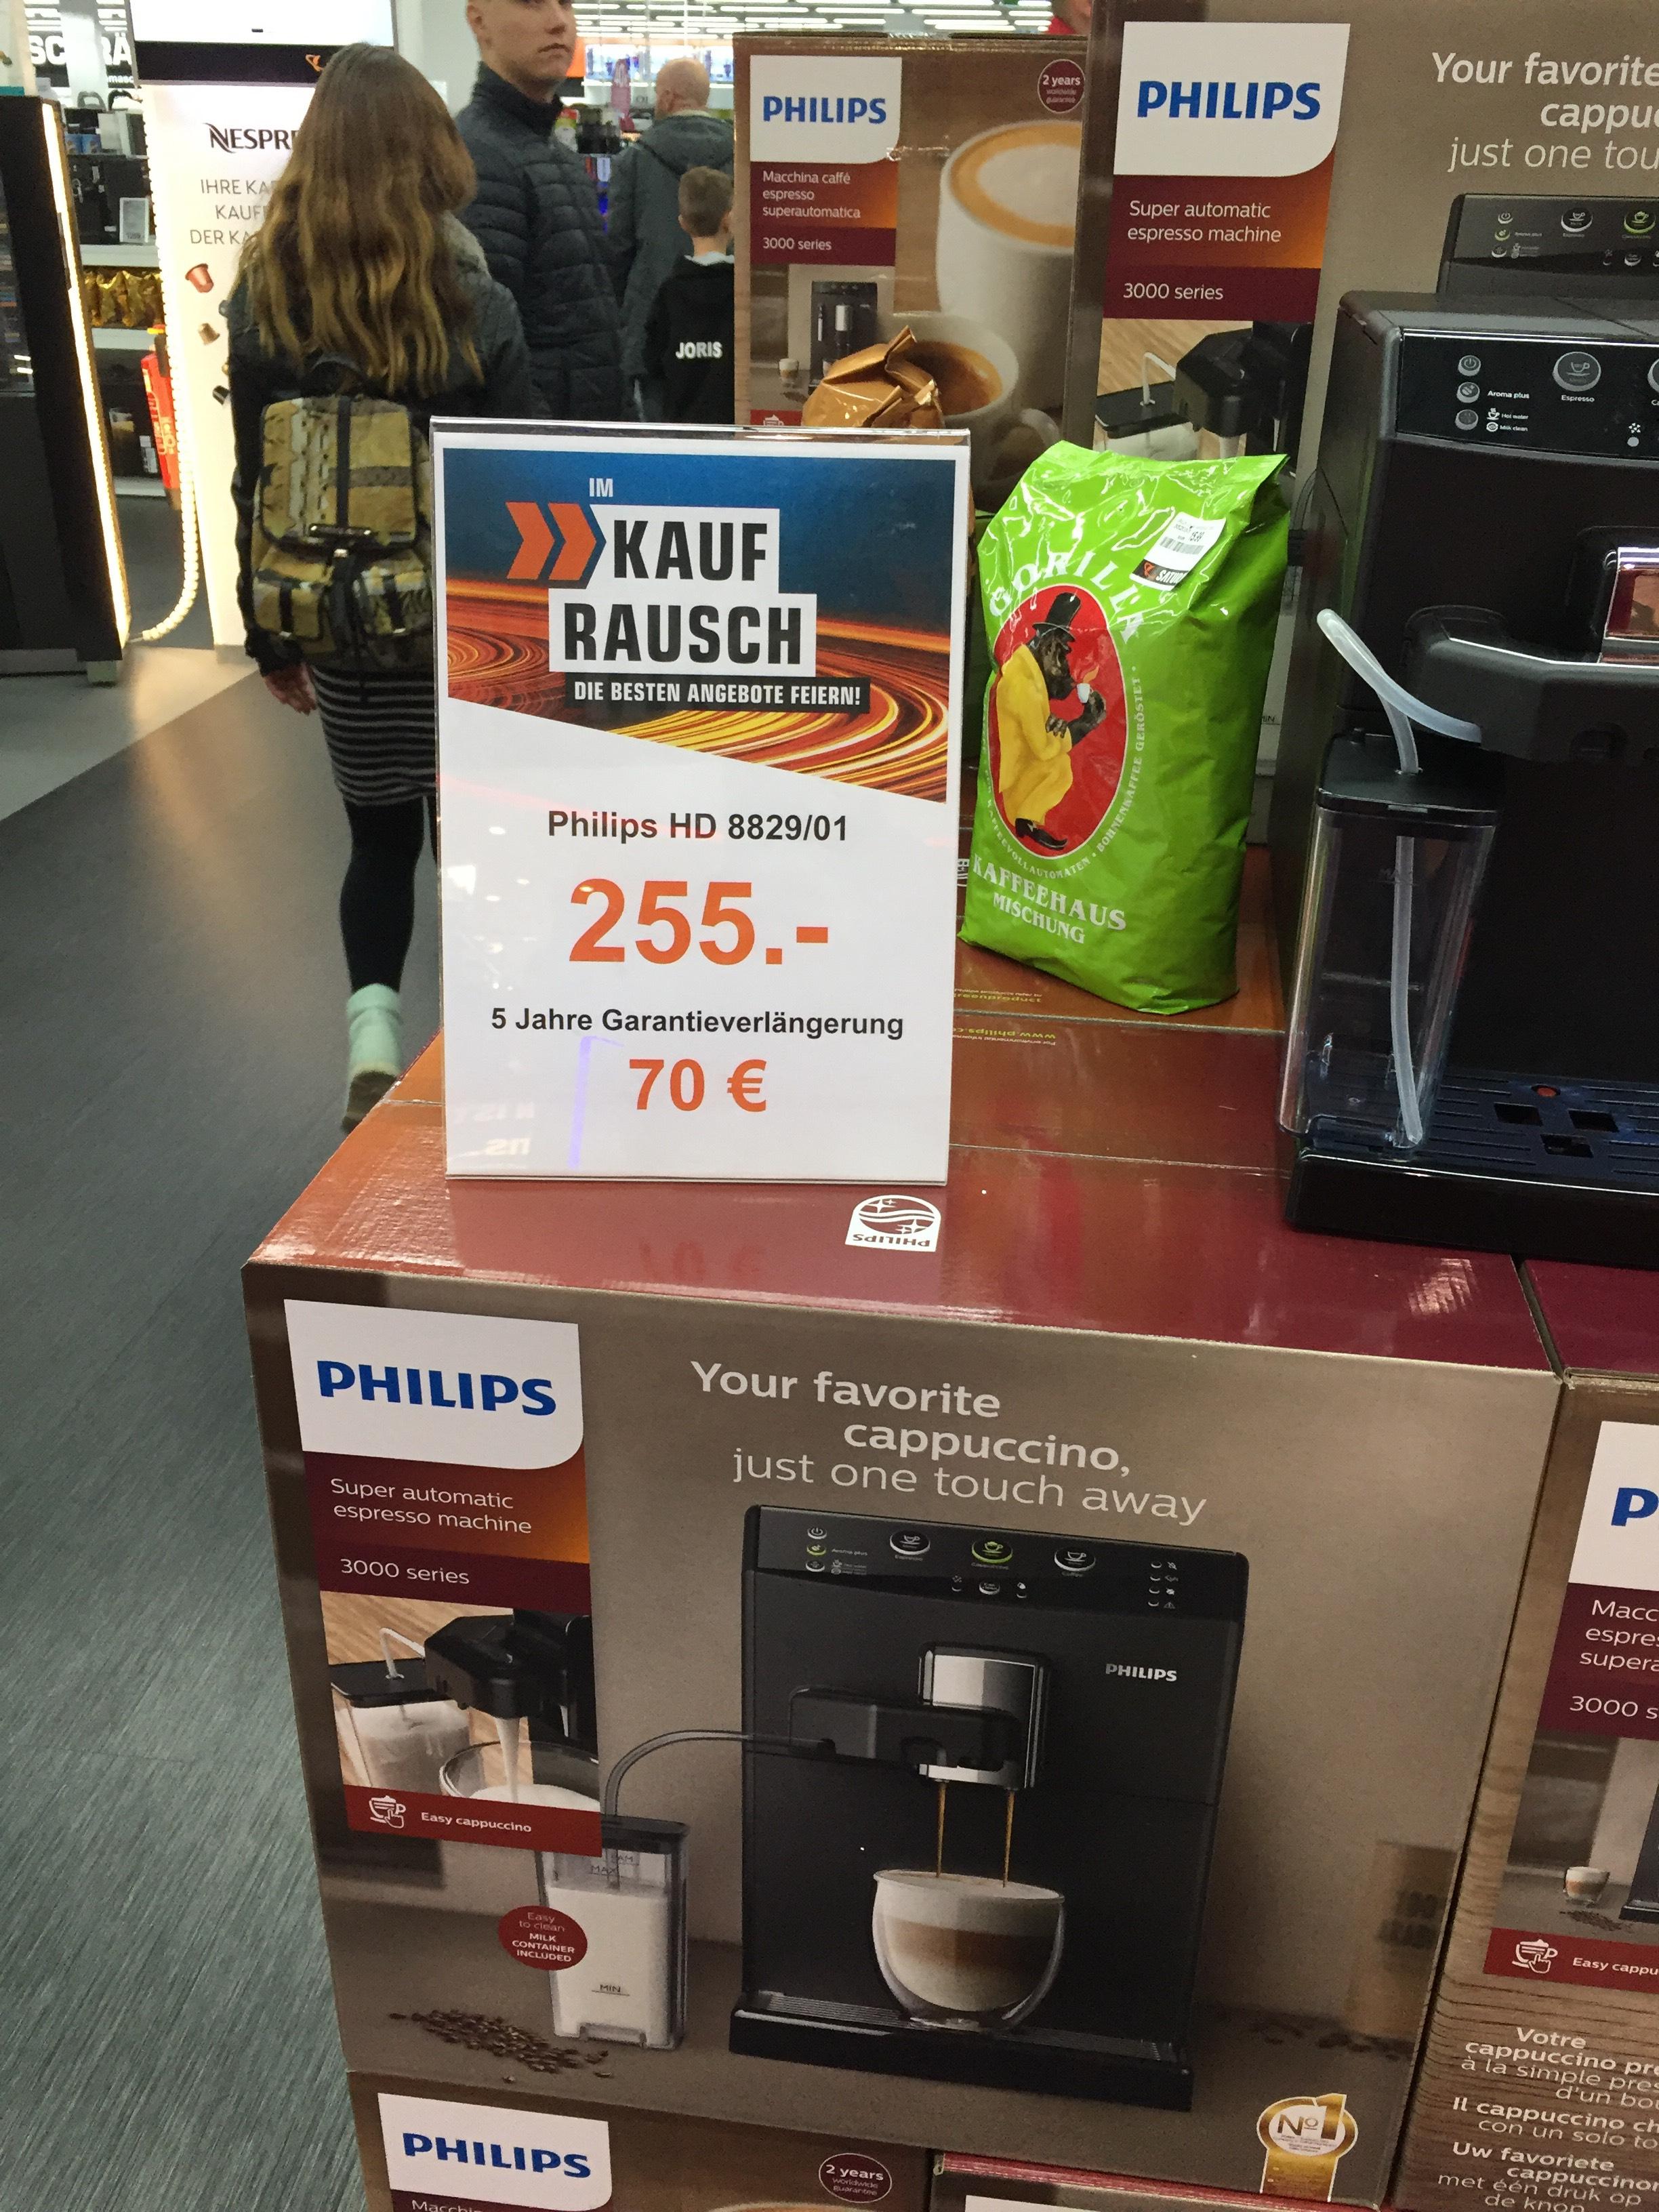 Lokal Saturn Leverkusen | Philips HD8829/01 Kaffeevollautomat